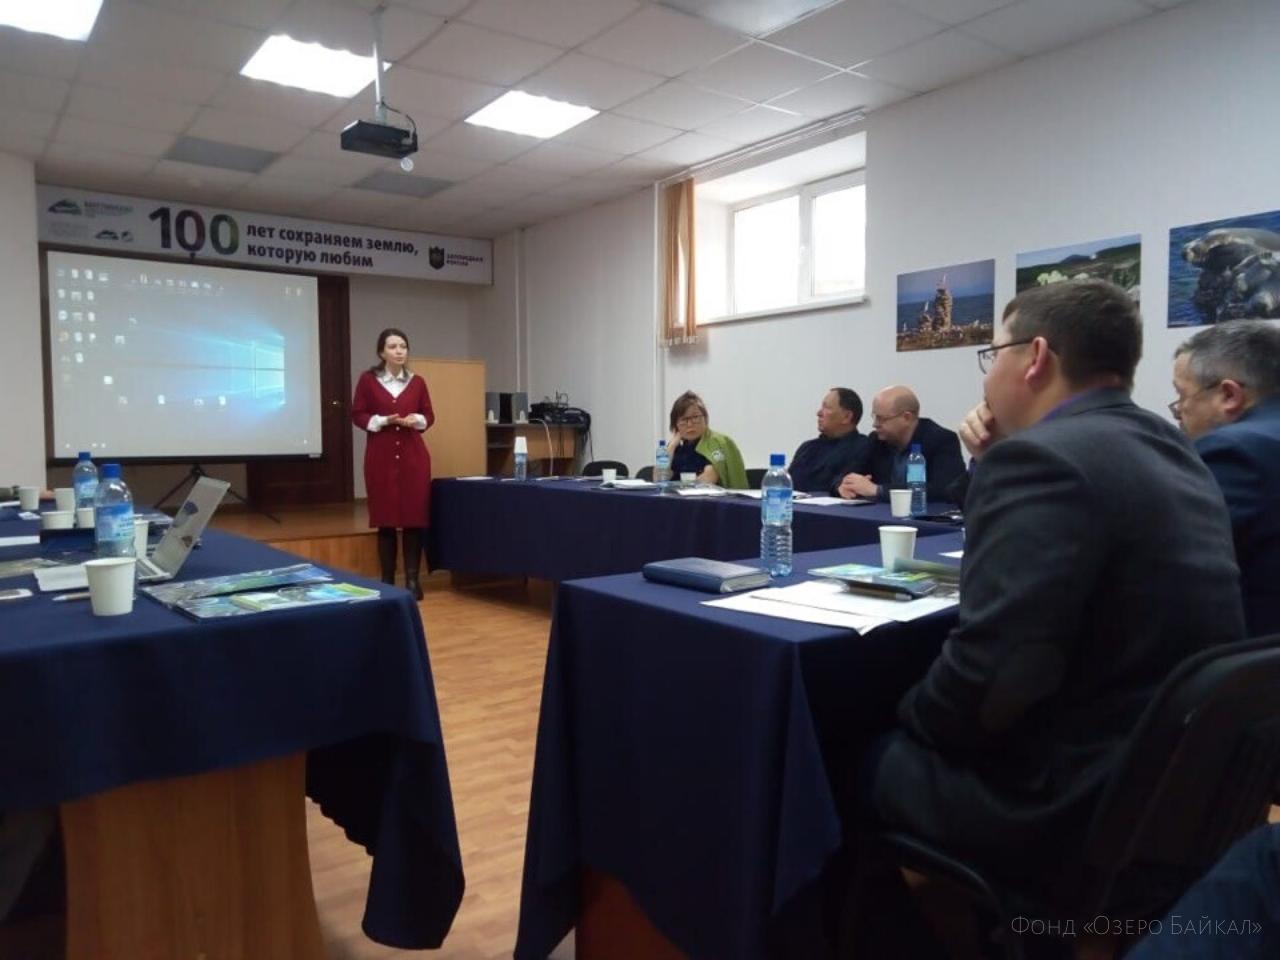 Анастасия Цветкова приняла участие в заседании научно-технического совета «Заповедного Подлеморья»